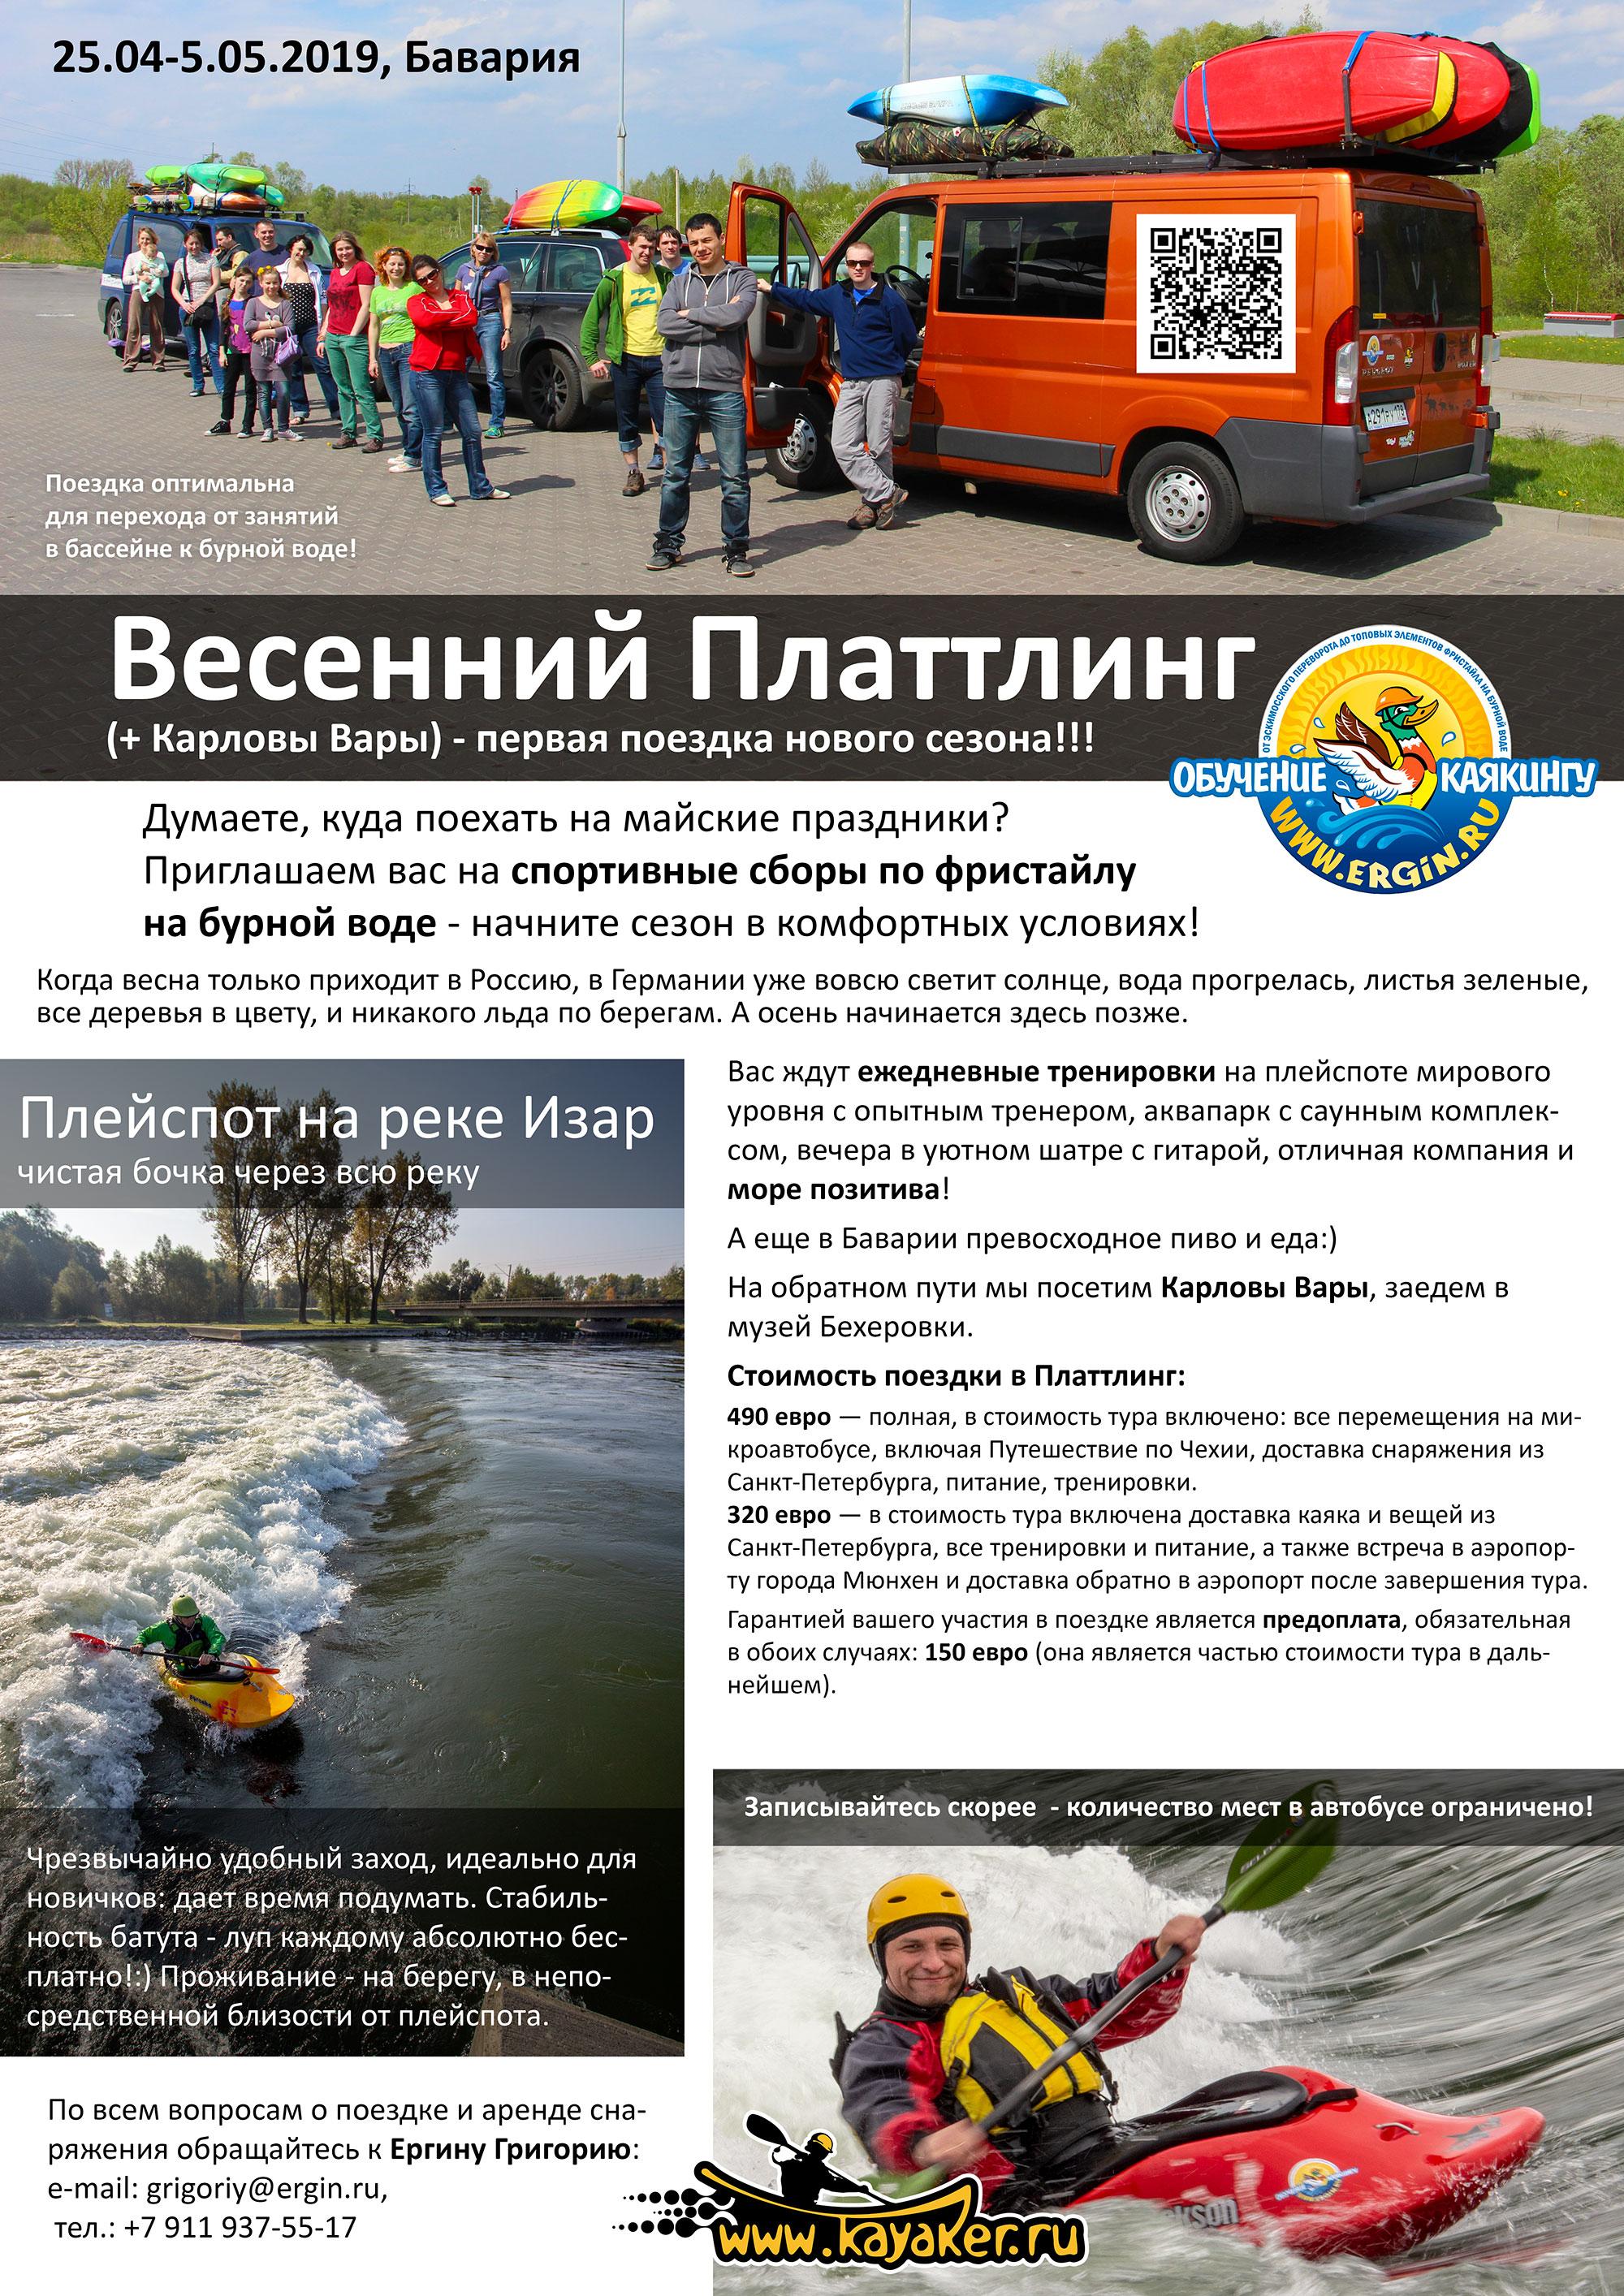 Весенний Платтлинг 2019 каякинг фристайл на бурной воде Путешествие